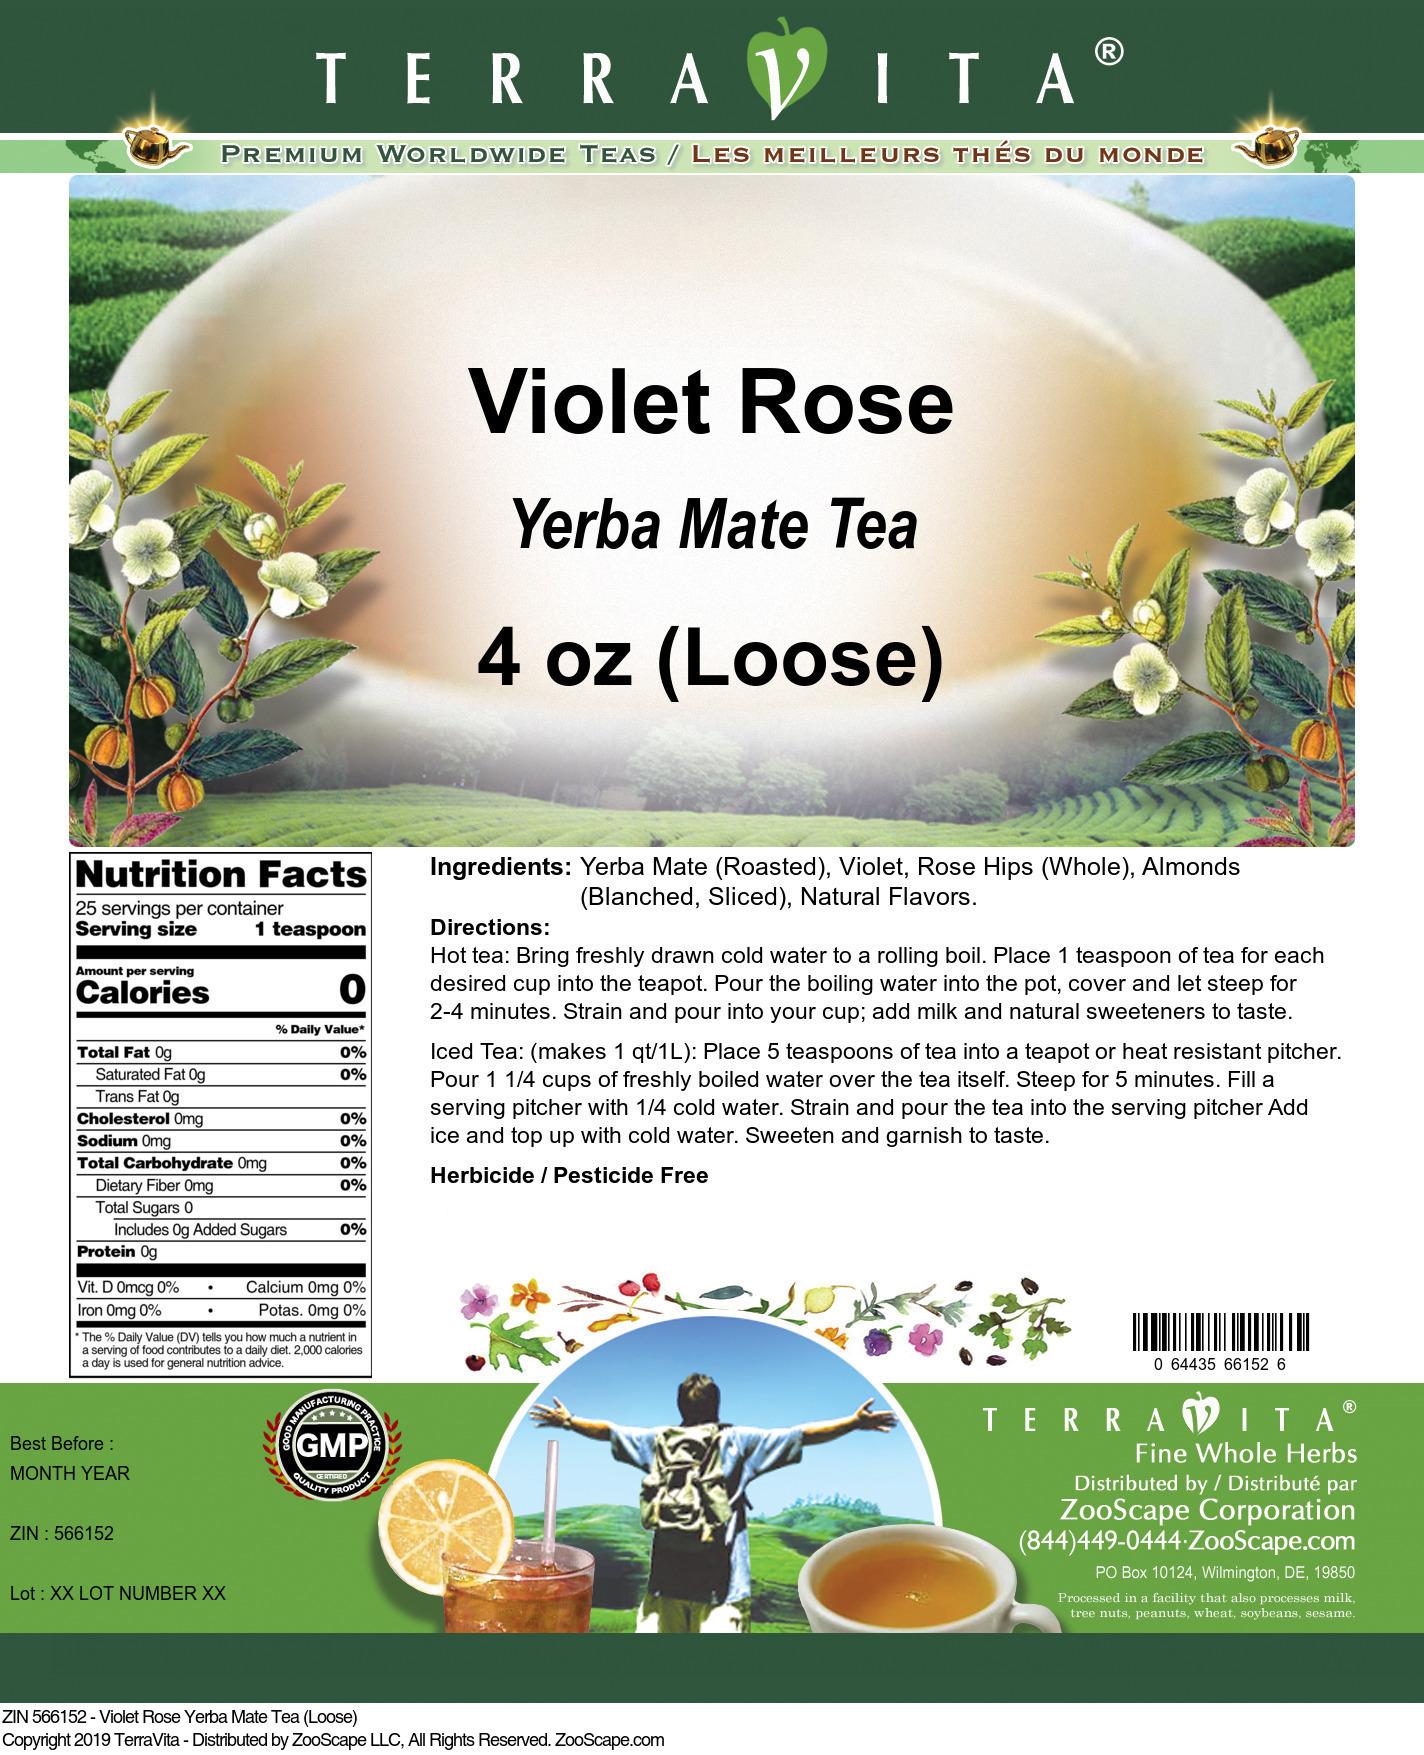 Violet Rose Yerba Mate